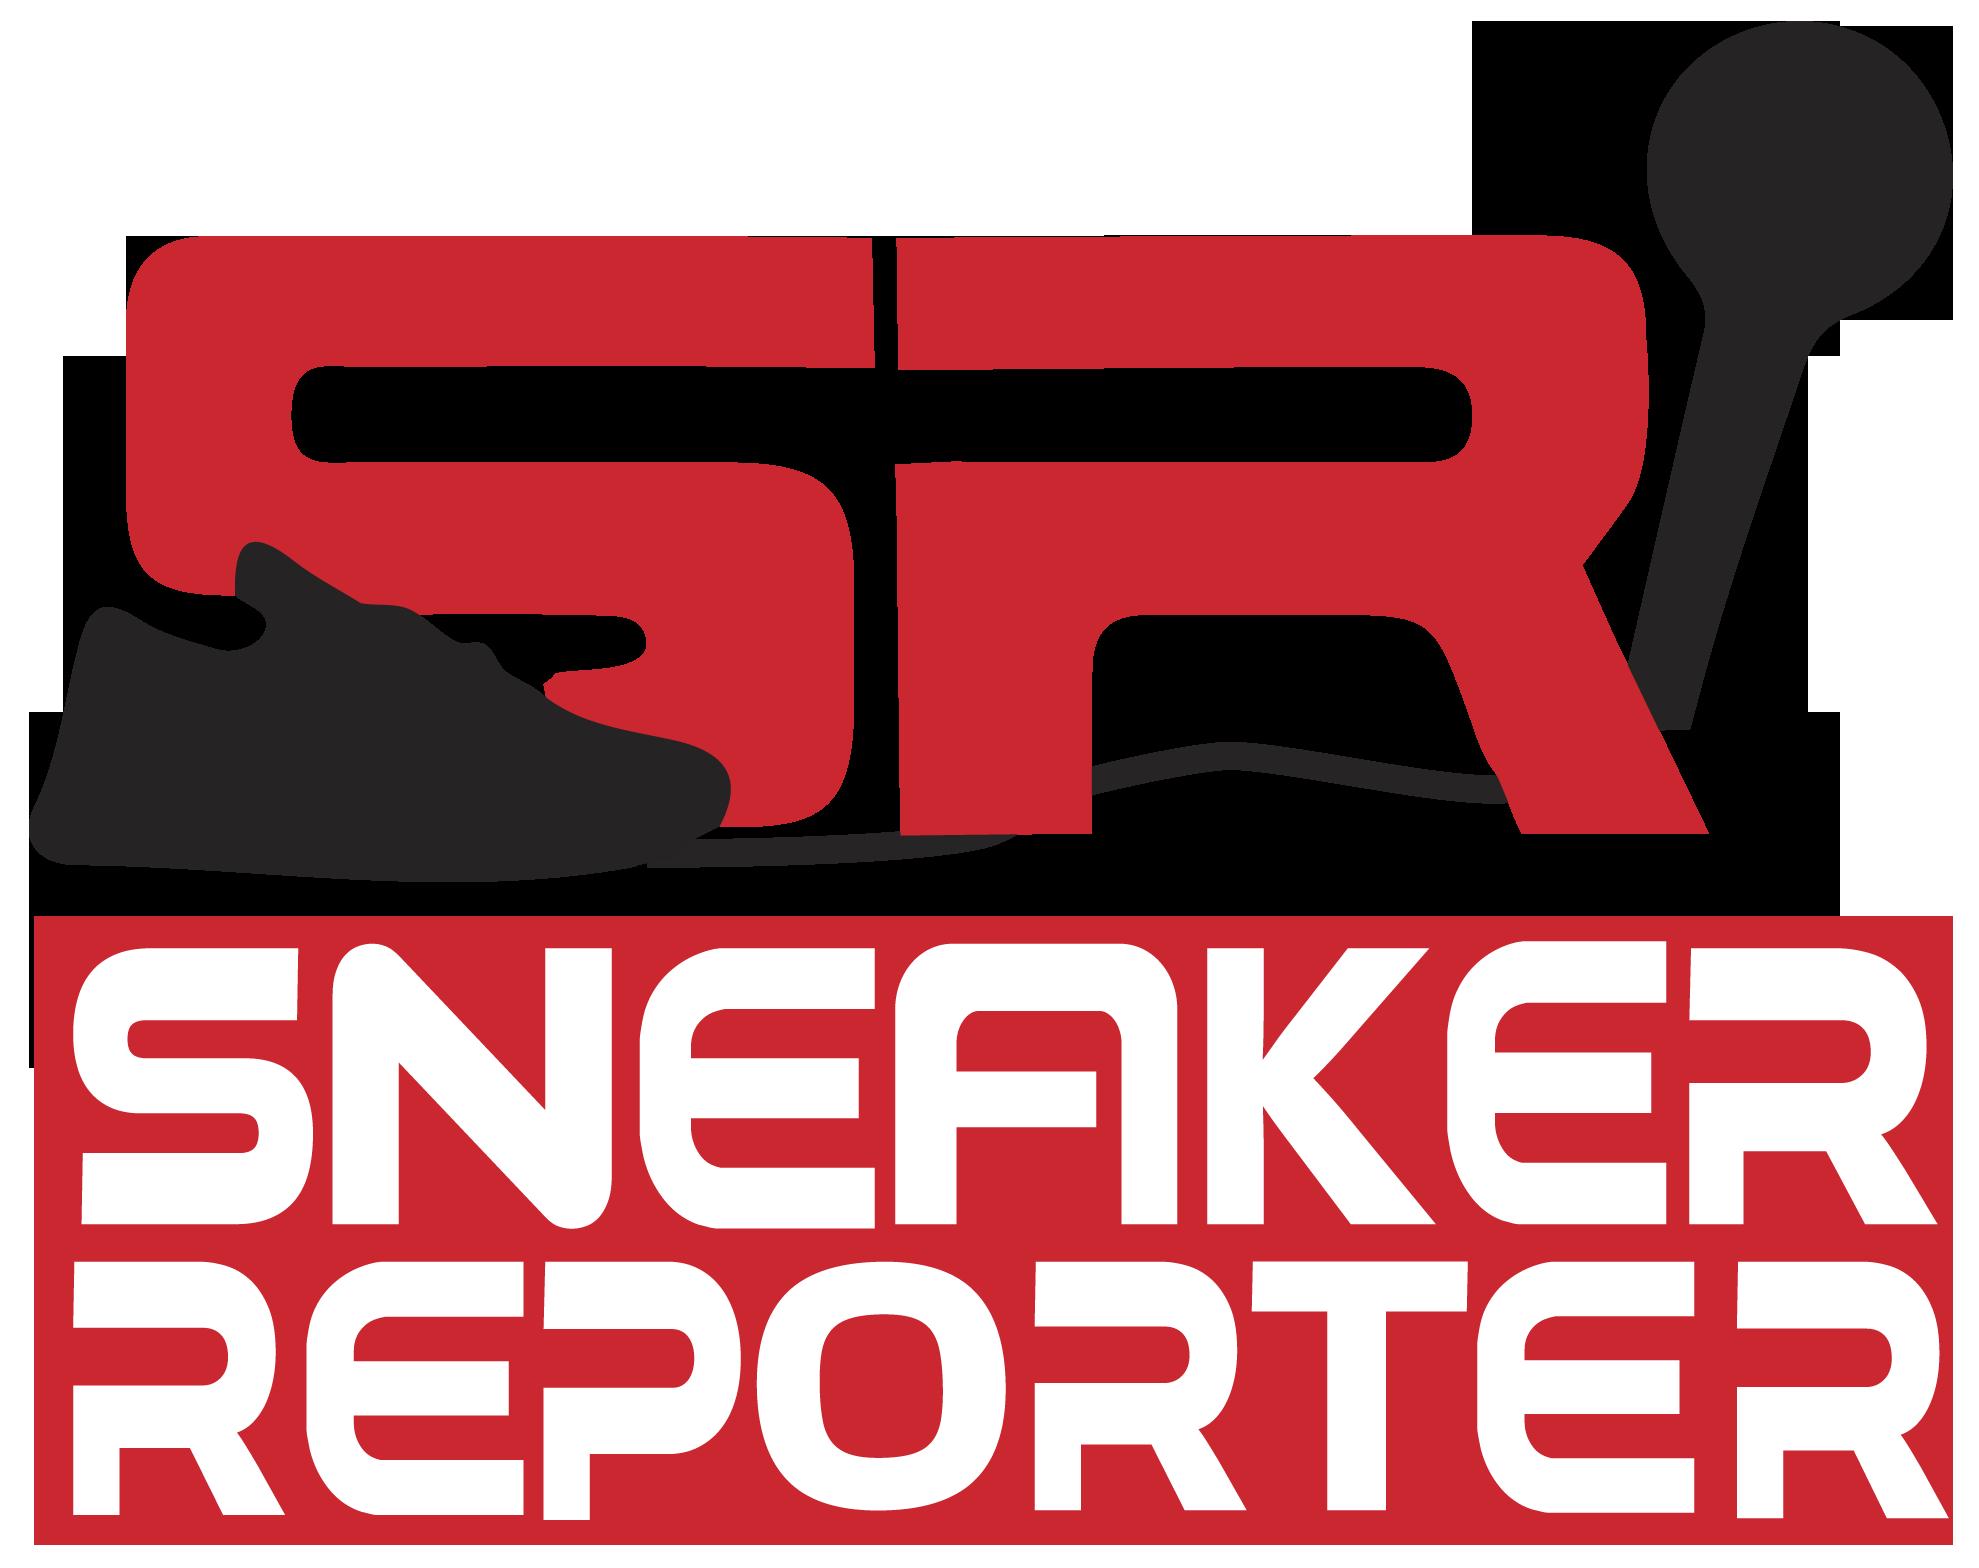 sneakerreporter